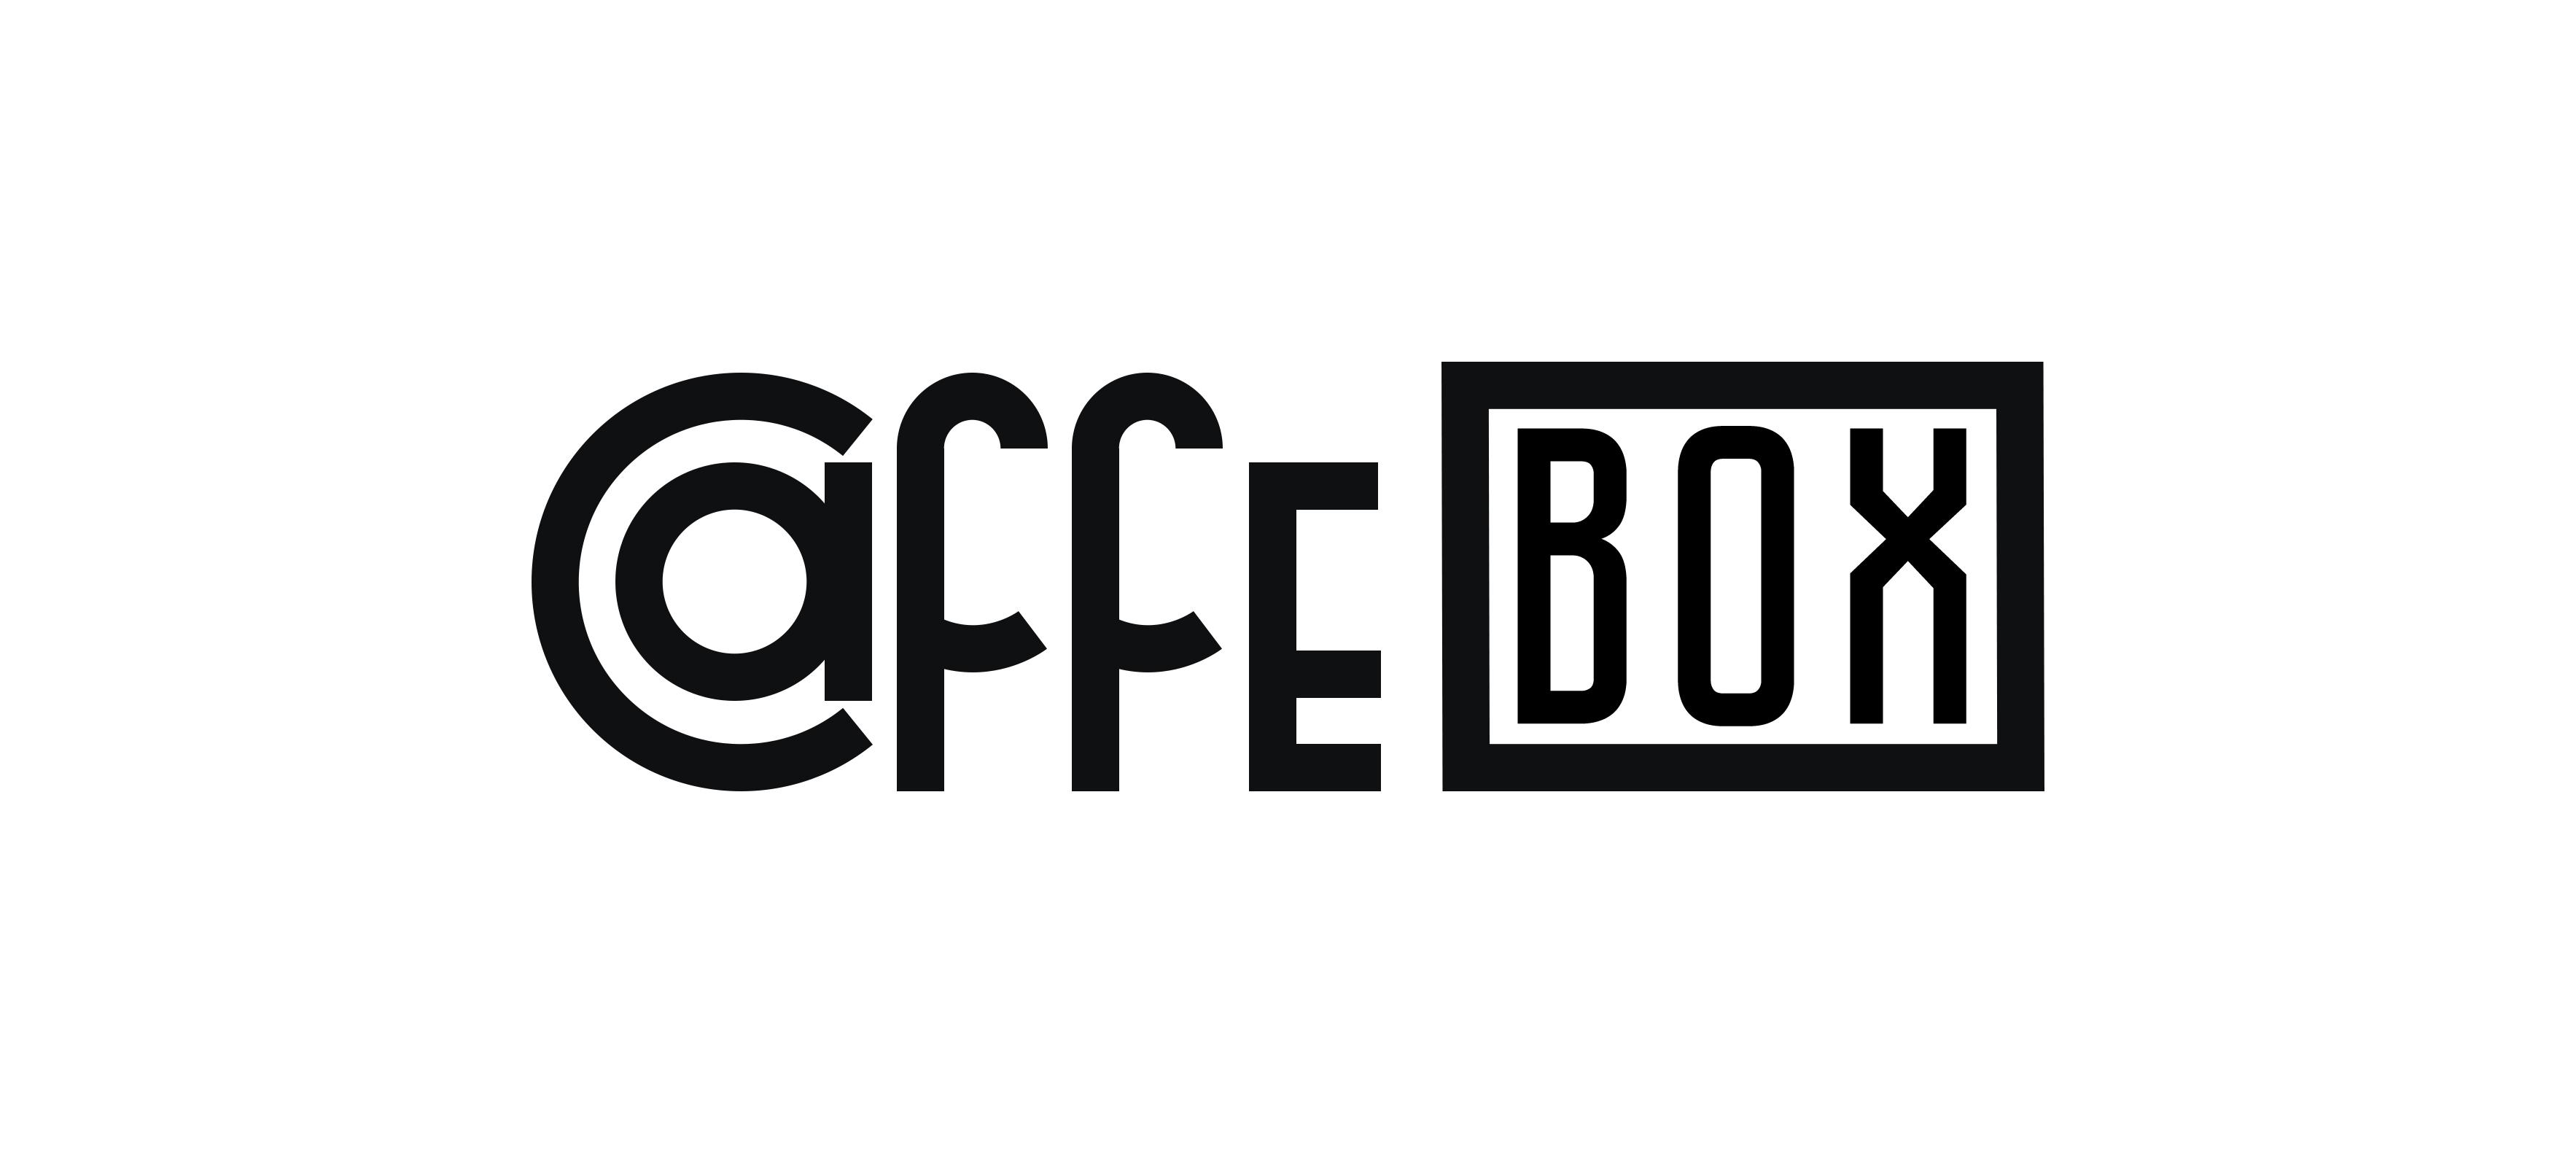 Требуется очень срочно разработать логотип кофейни! фото f_8595a0adbb56f569.jpg